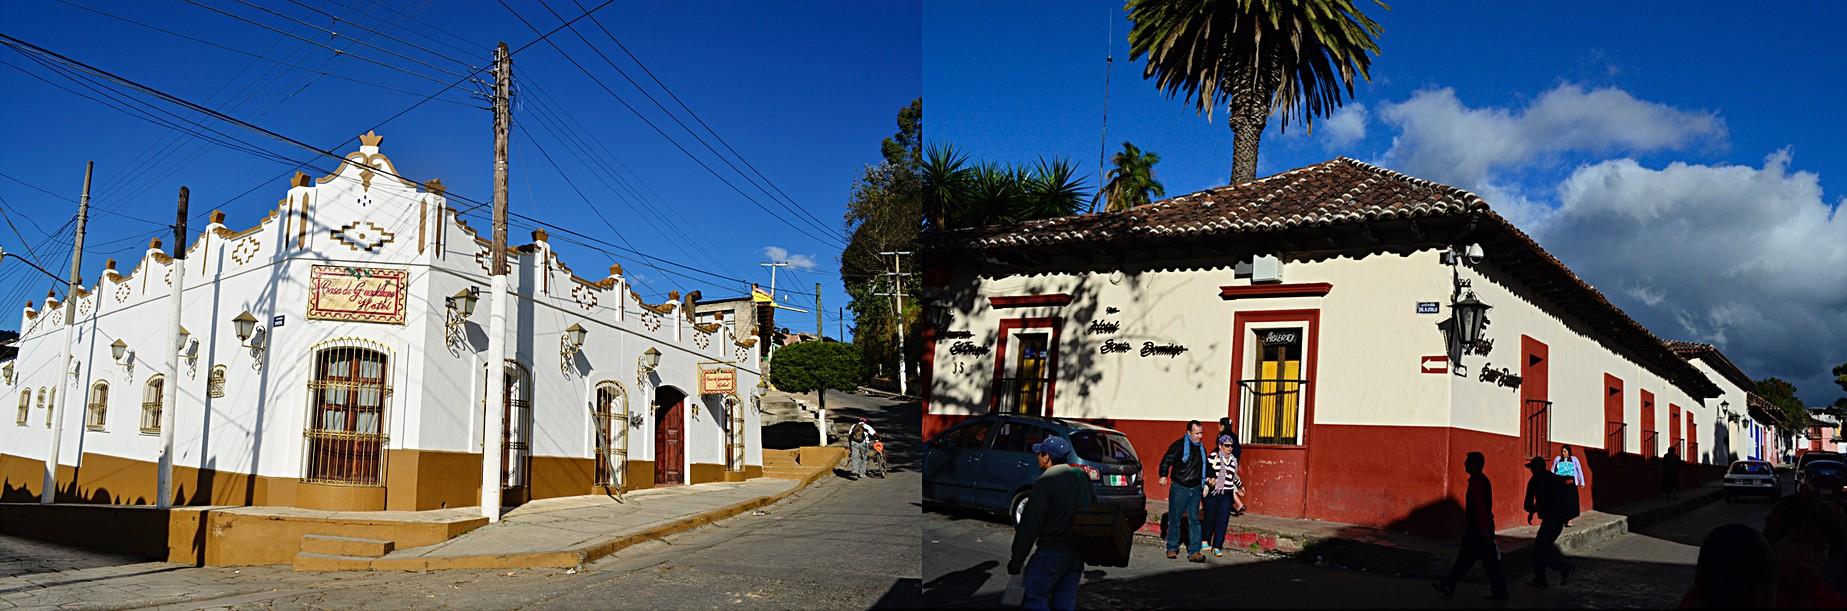 San_Cristóbal_de_las_Casas_14